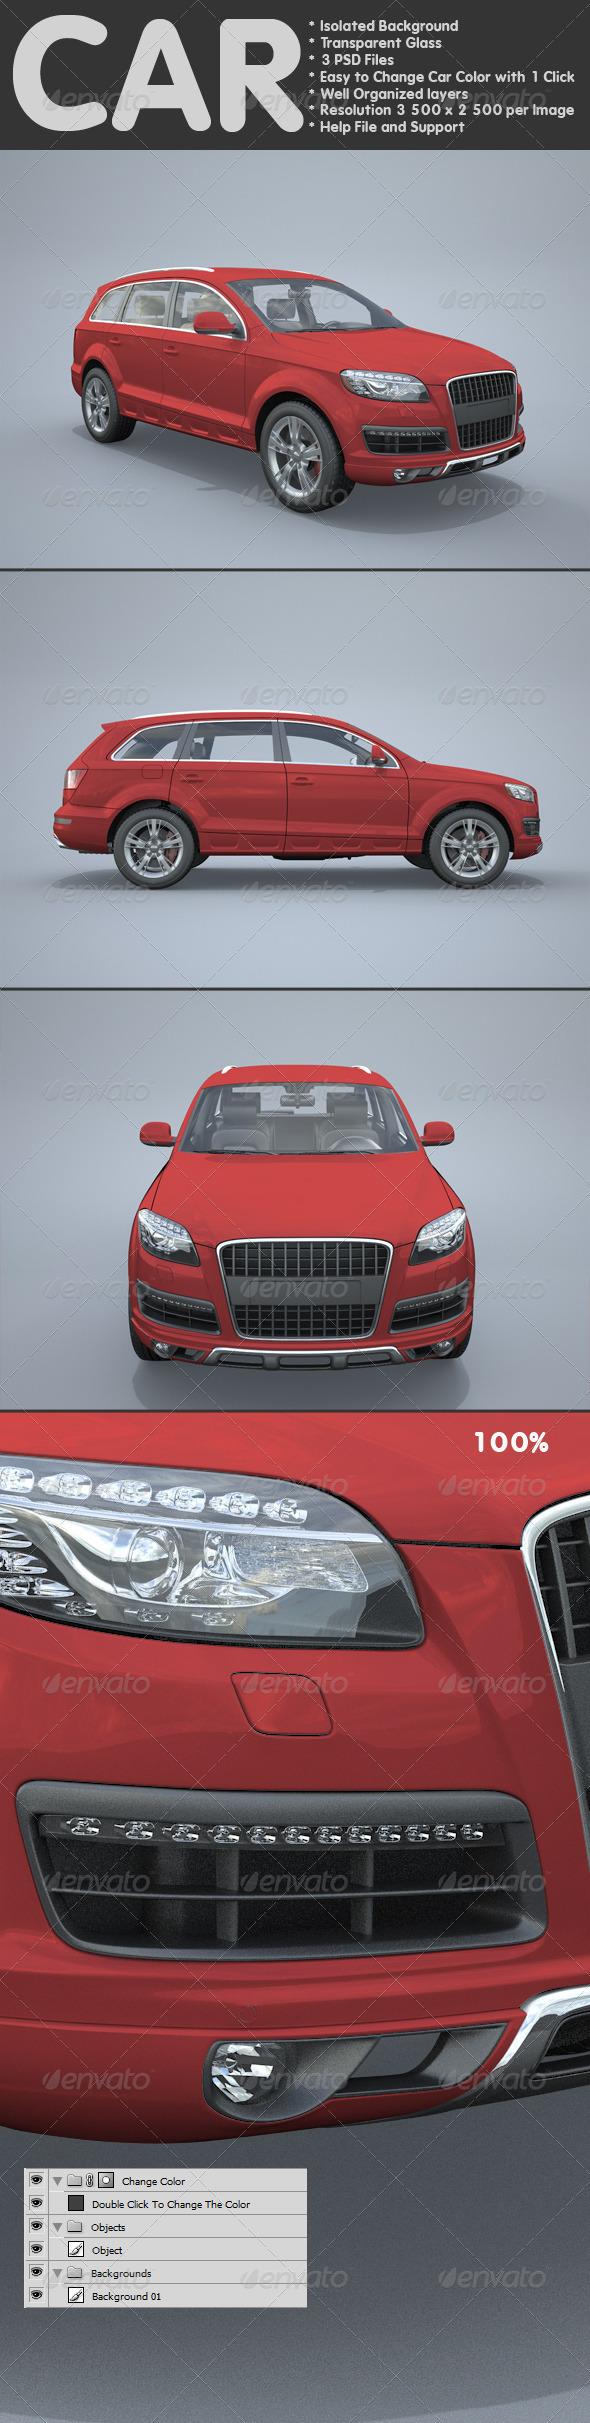 Car  - Miscellaneous 3D Renders